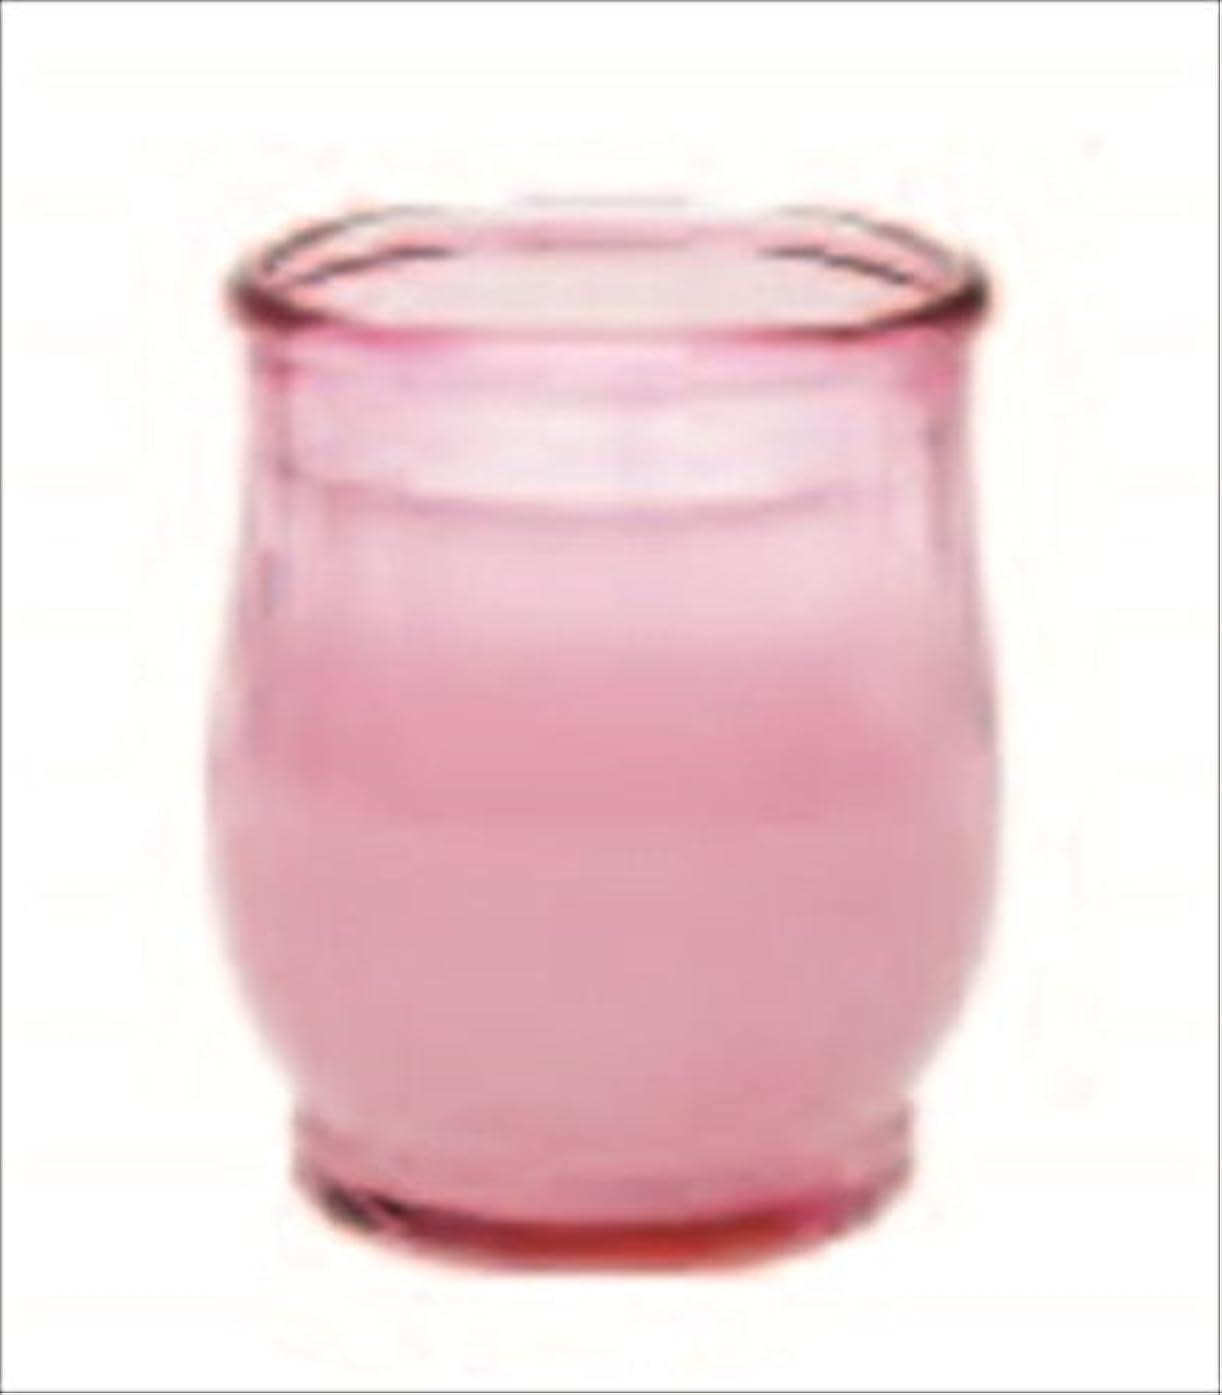 適用済み蒸留家具kameyama candle(カメヤマキャンドル) ポシェ 「 ピンク 」(73020040P)